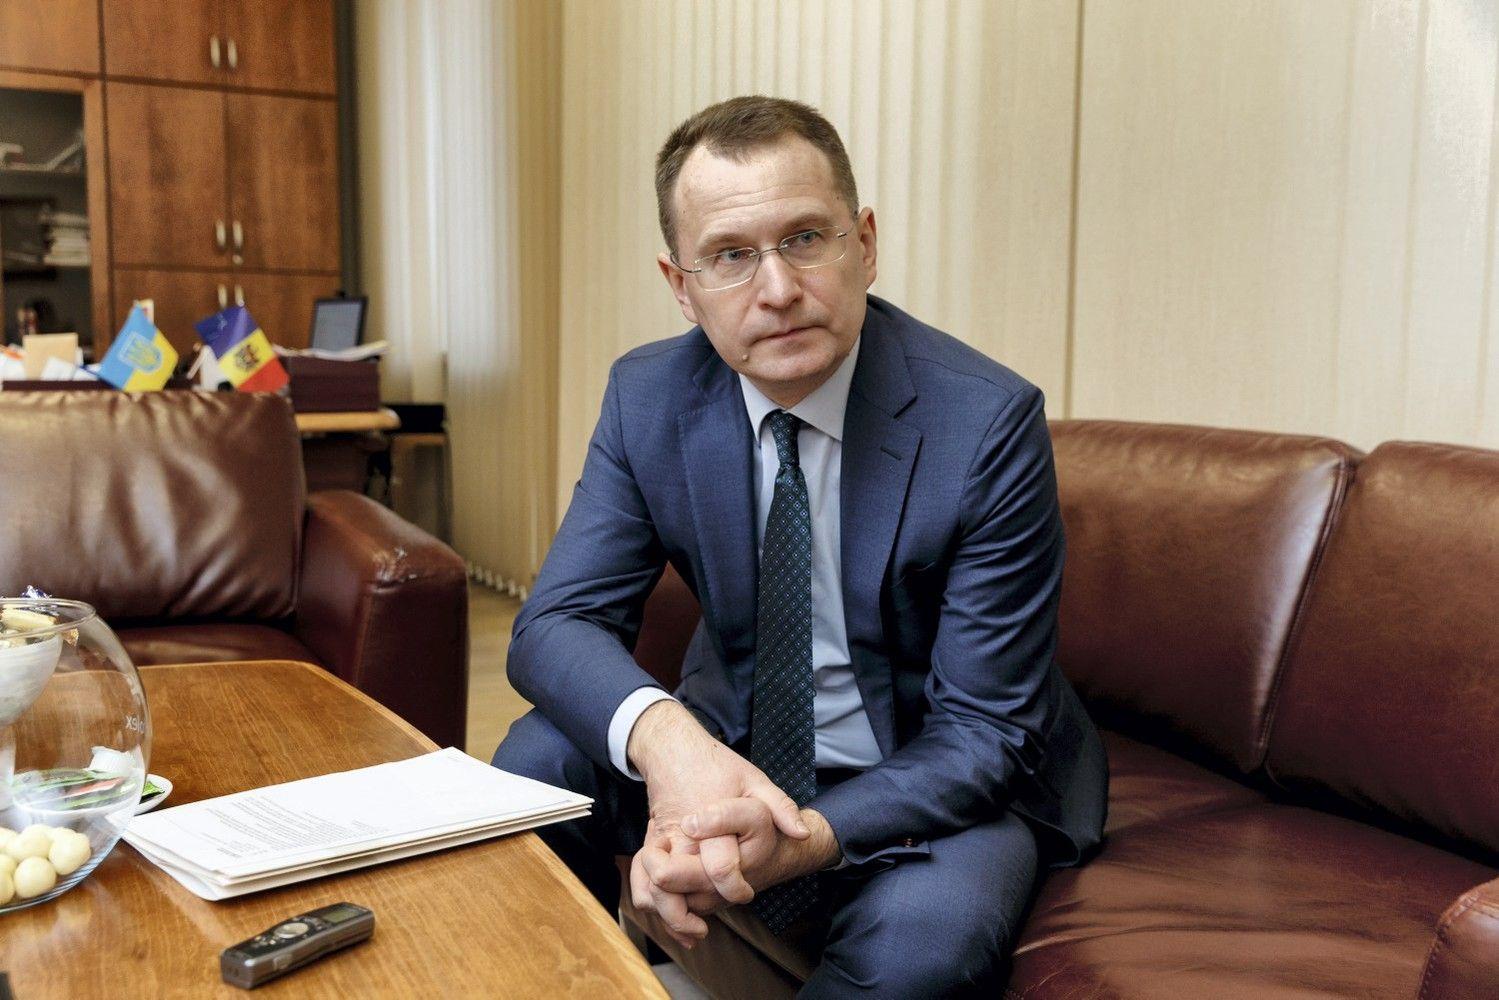 Lietuvos pavyzdžiu Ukrainos konstitucijoje siūloma įtvirtinti euroatlantinius siekius